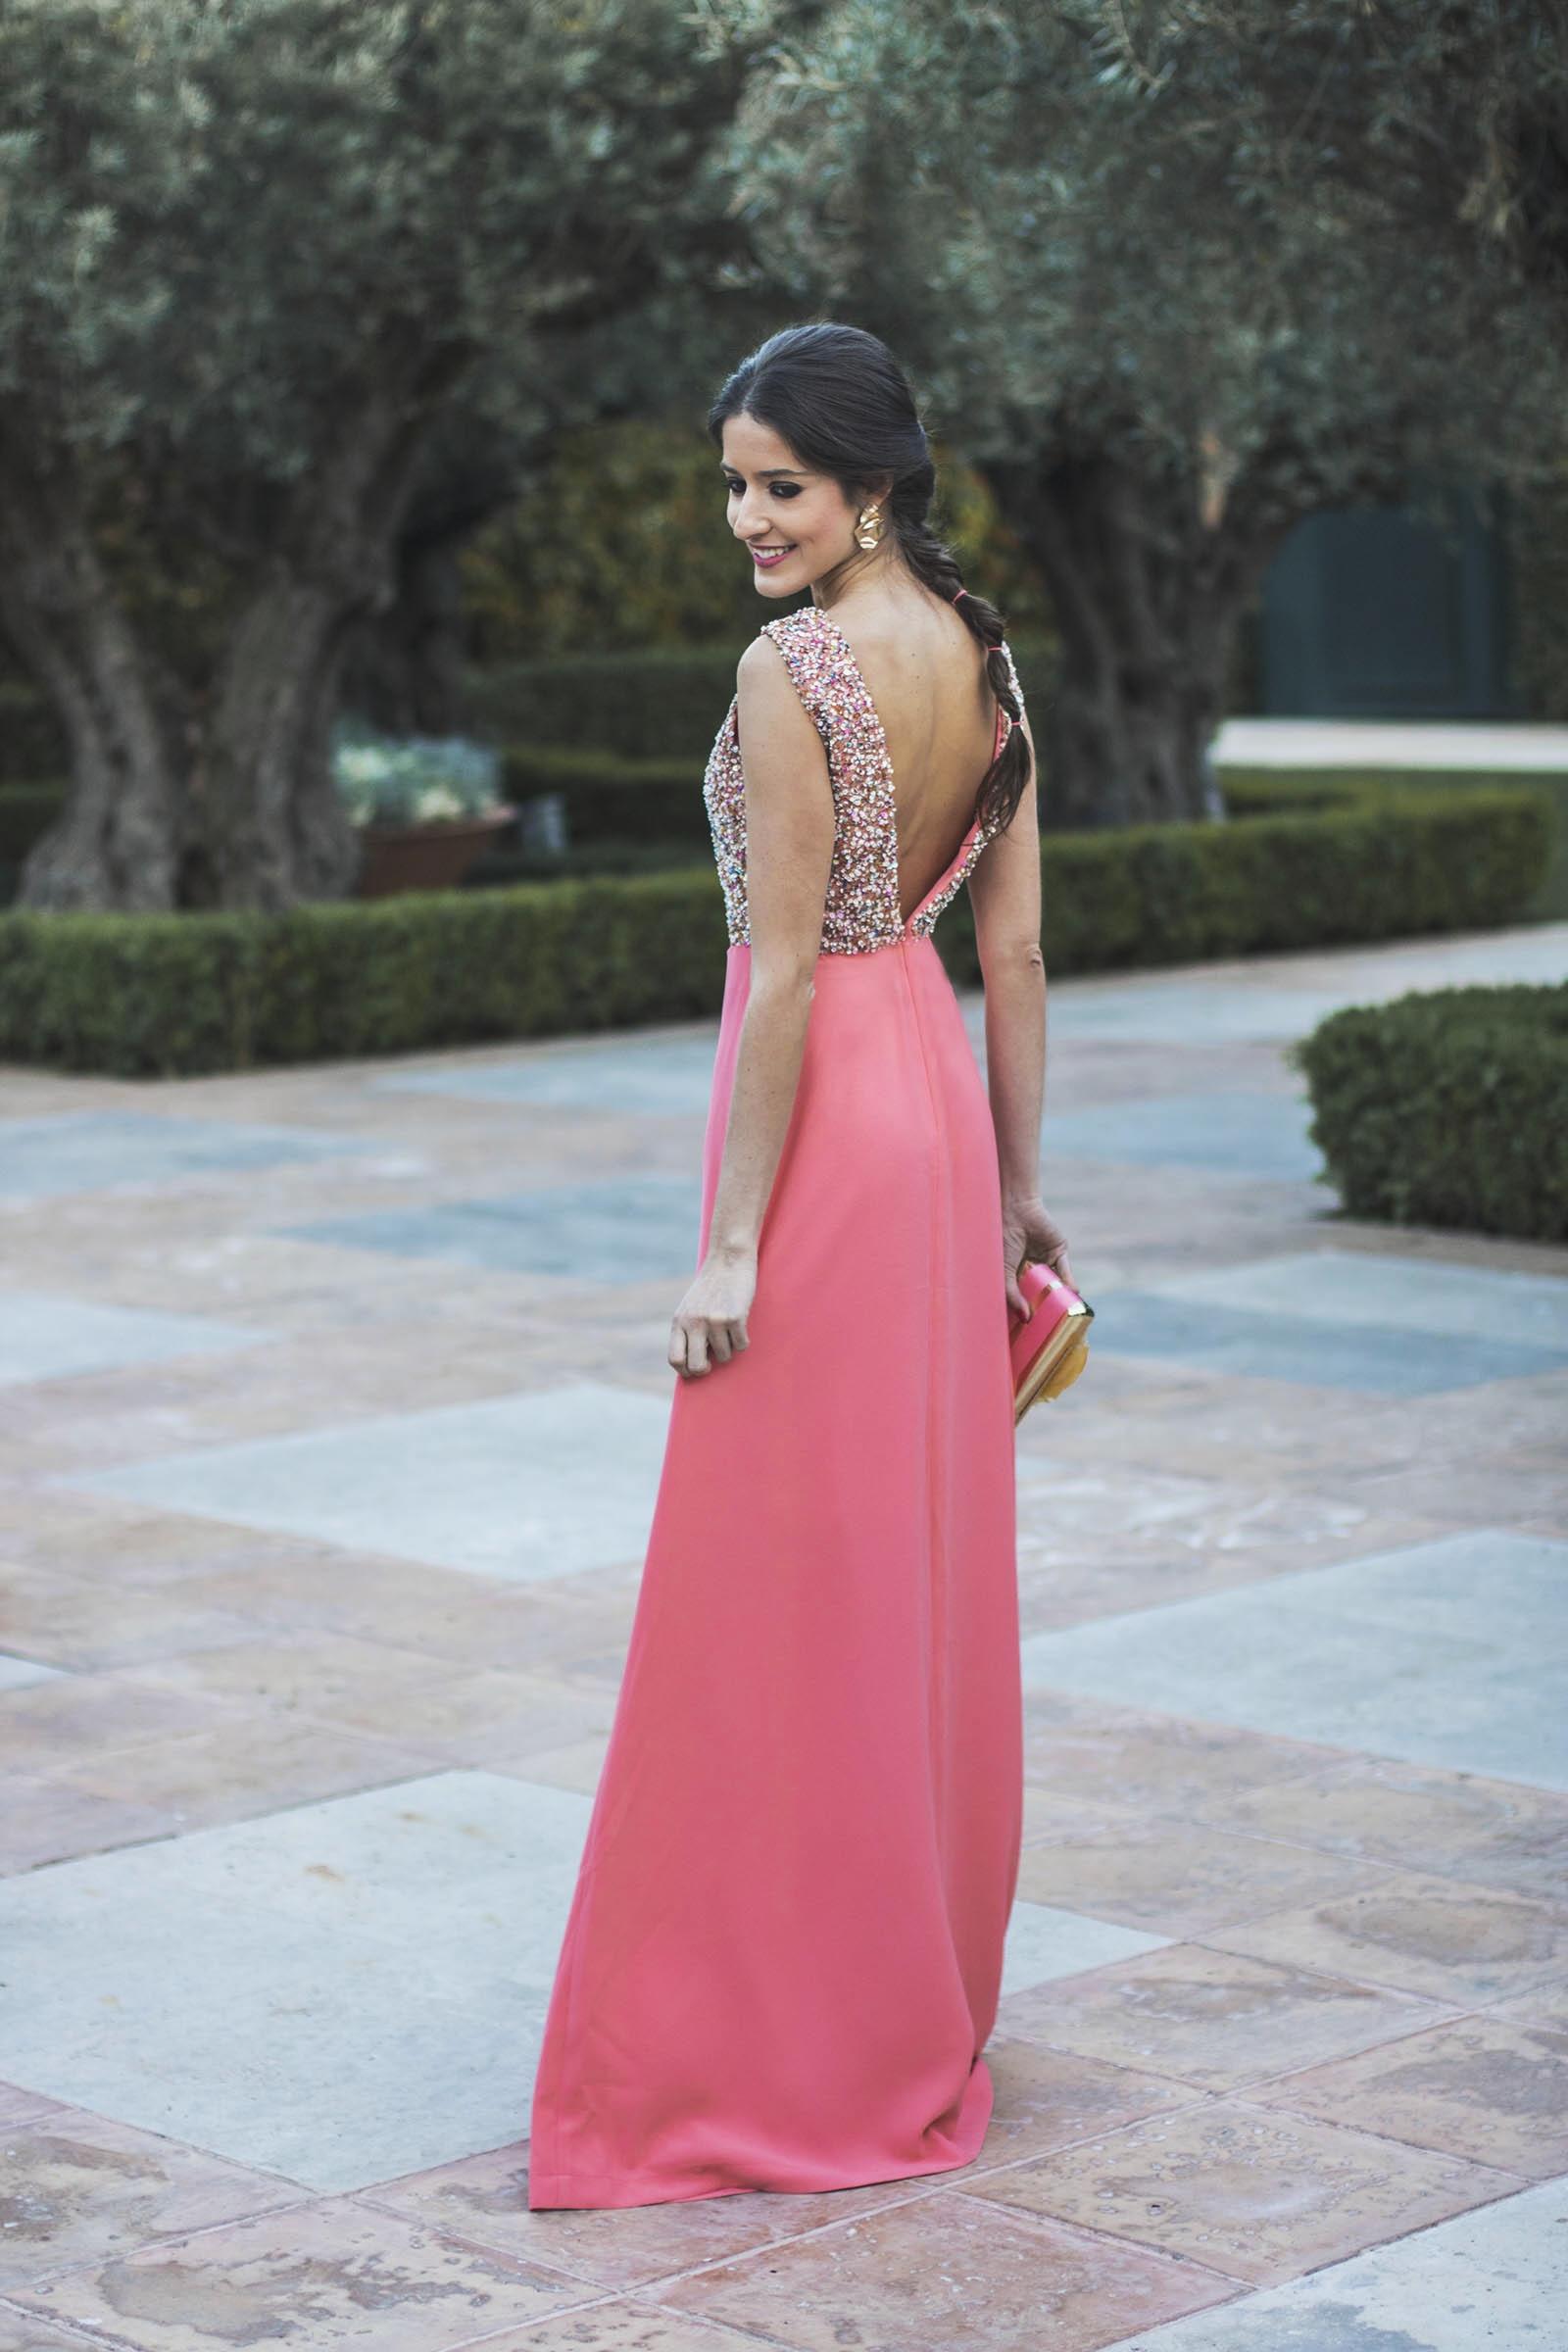 Increíble Vestidos De Anfitriona Para La Boda Imágenes - Colección ...